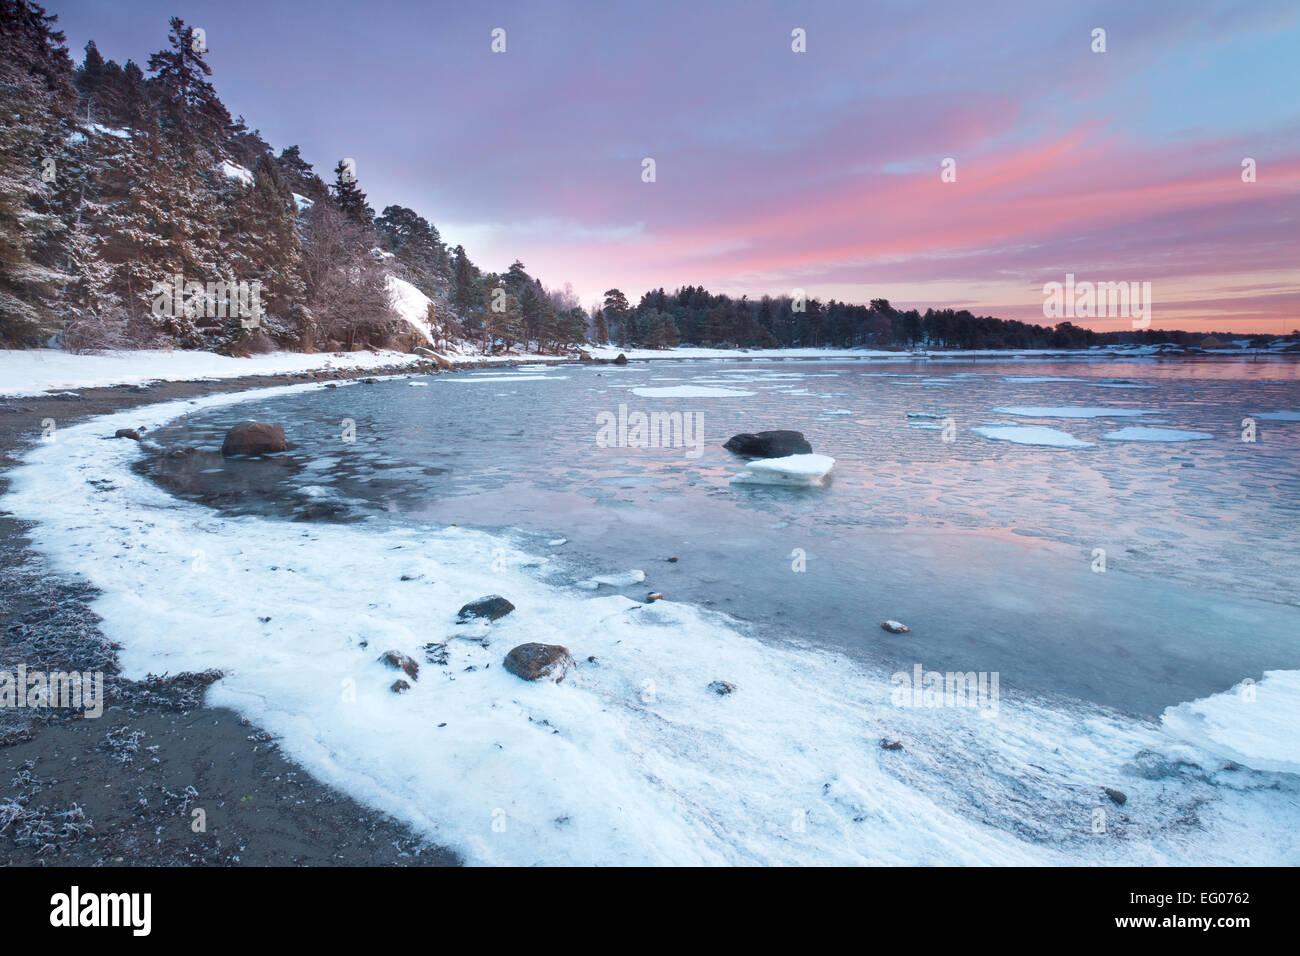 Wintermorgen am Ofen, an der Küste der Oslofjord in Råde Kommune, Østfold Fylke, Norwegen. Stockbild